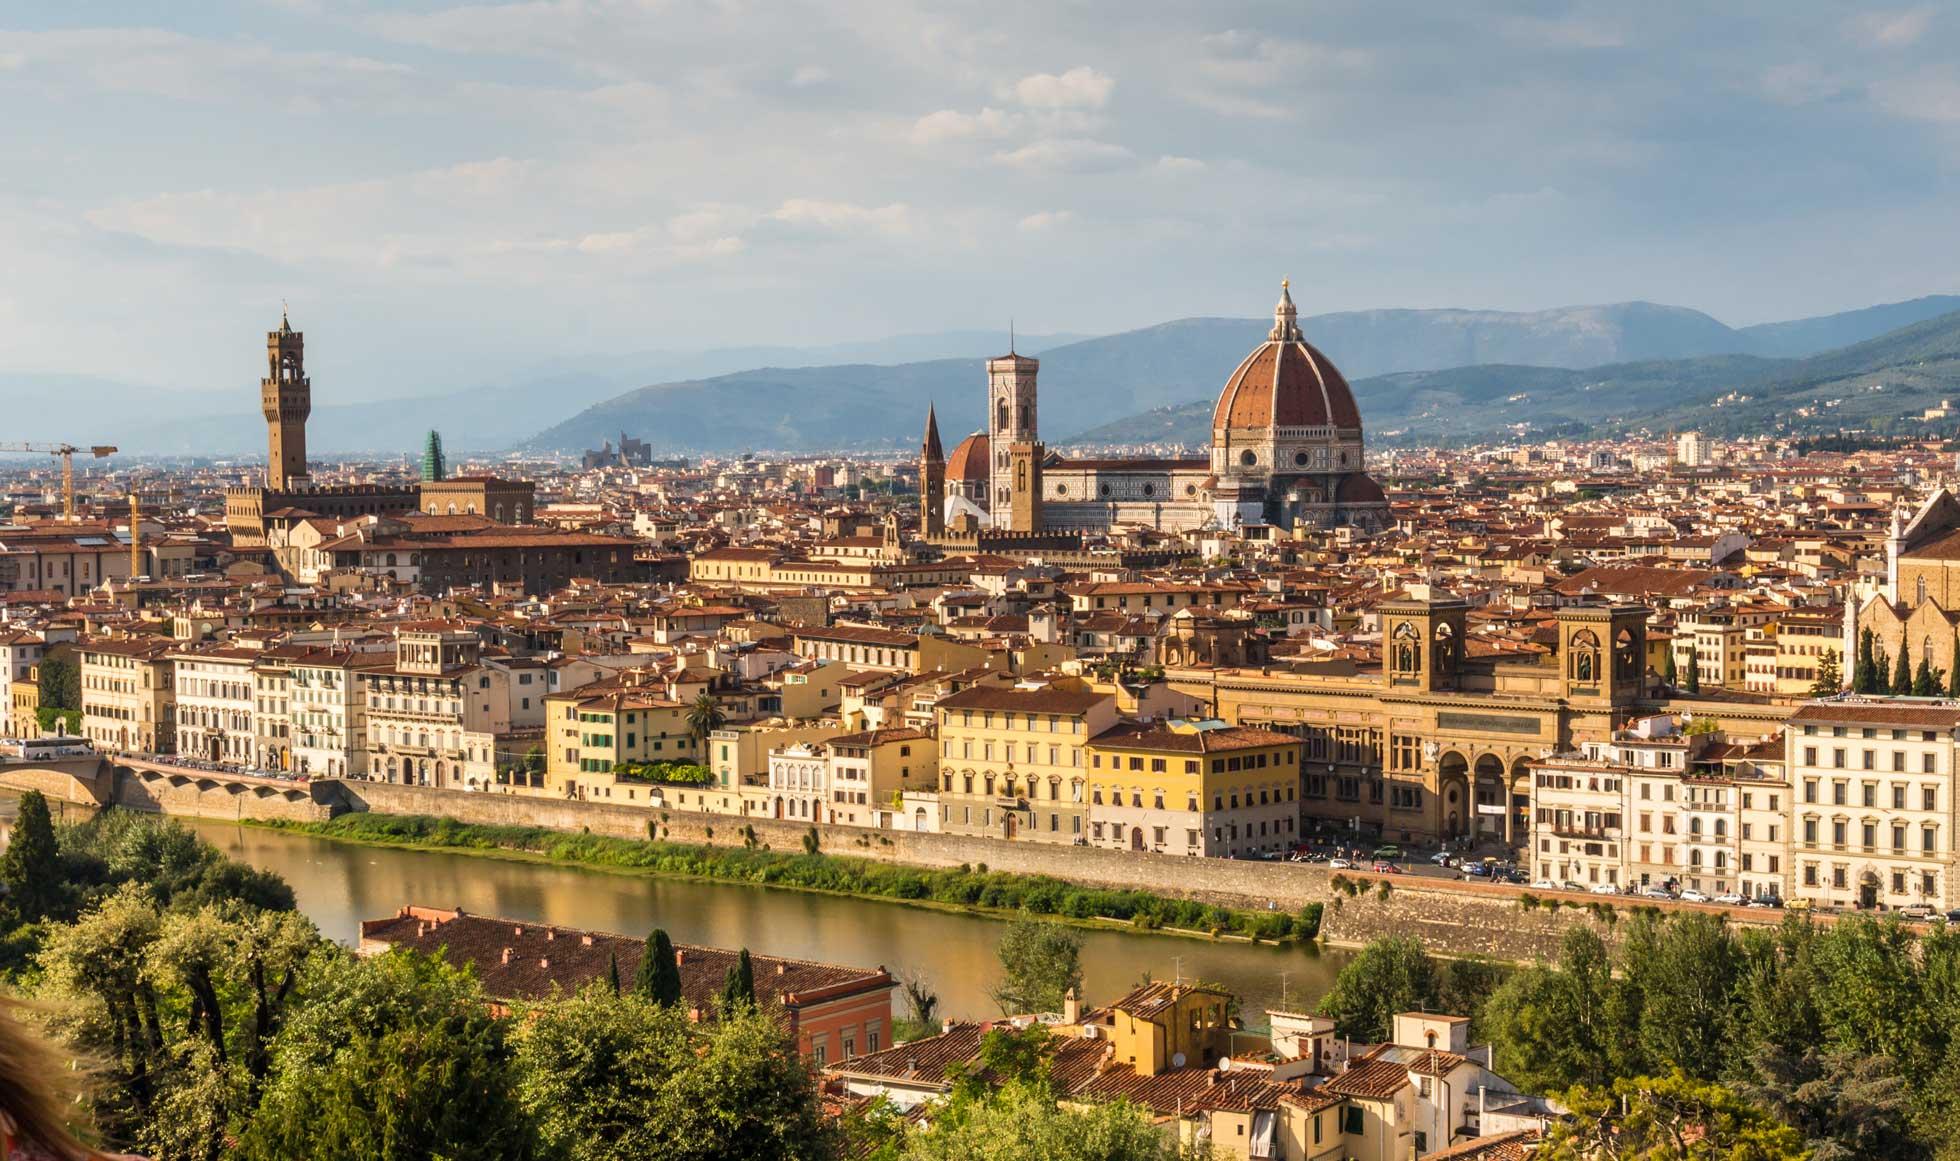 Guidad tur under en grupp- och konferensresa till Florens Italien